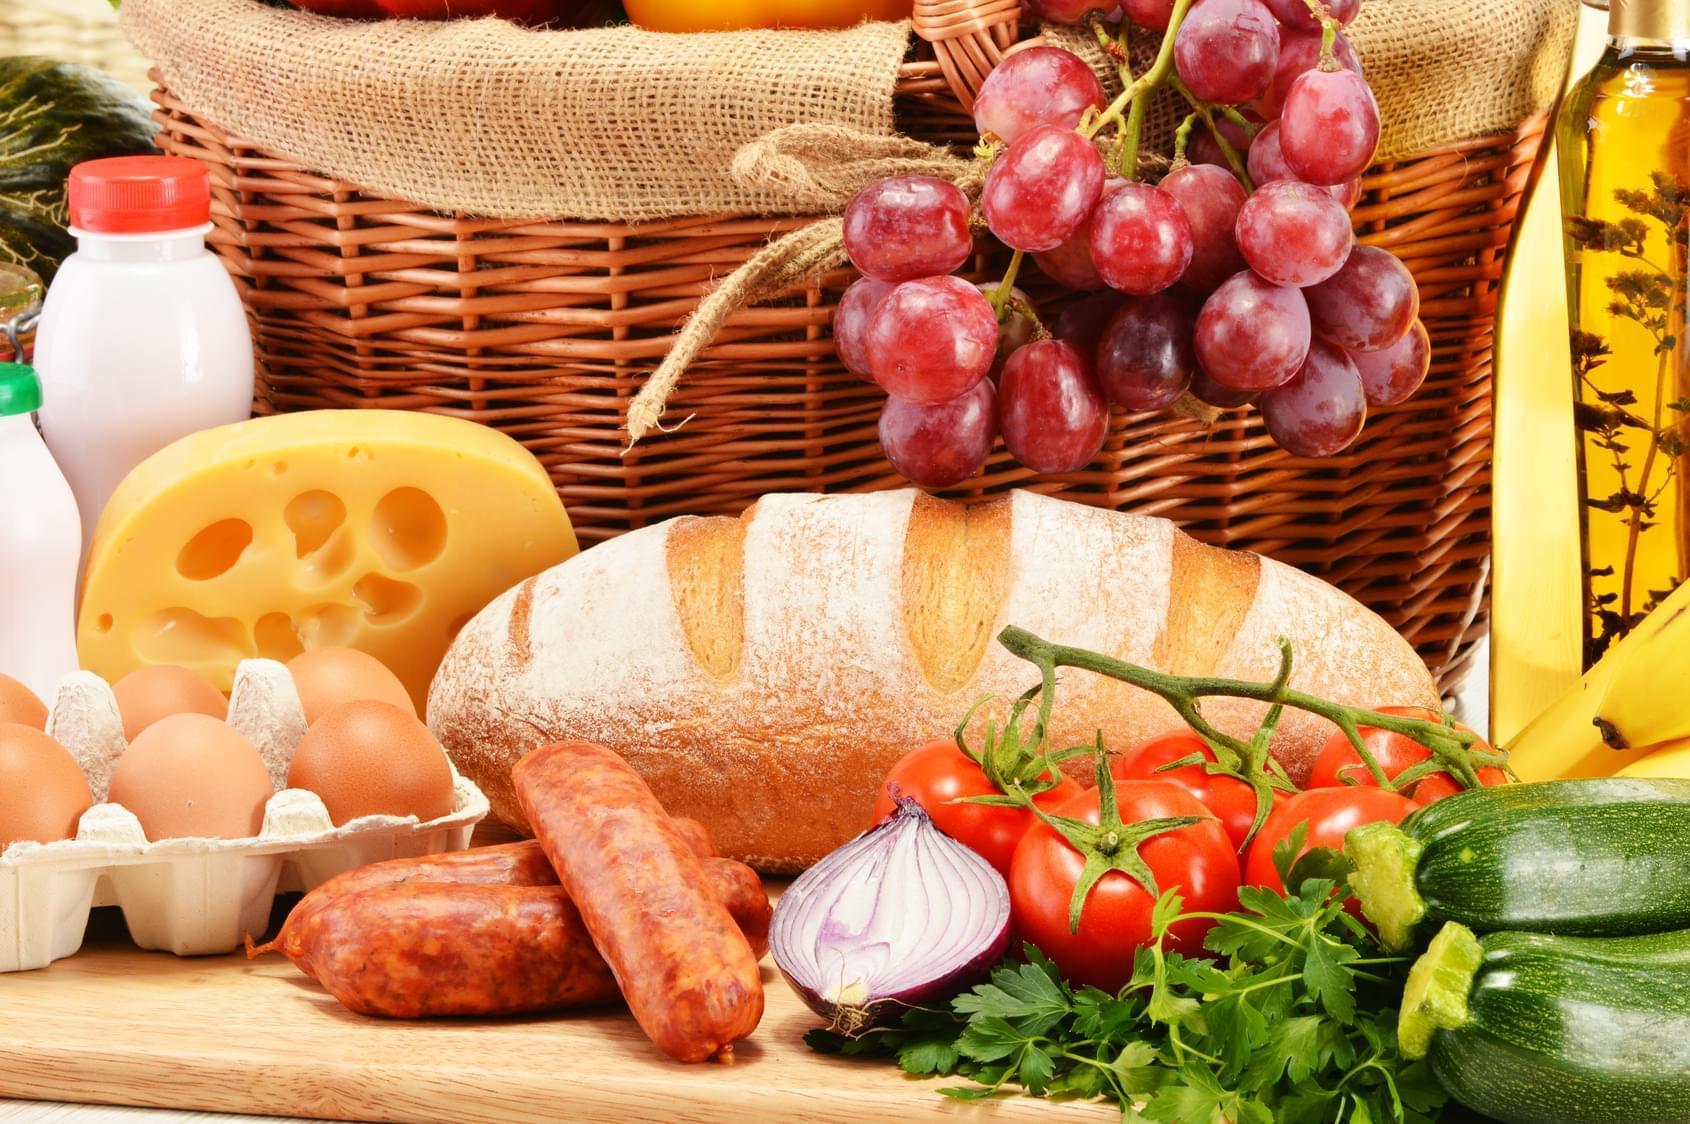 Общественное обсуждение очередных изменений ТР ТС на пищевую продукцию